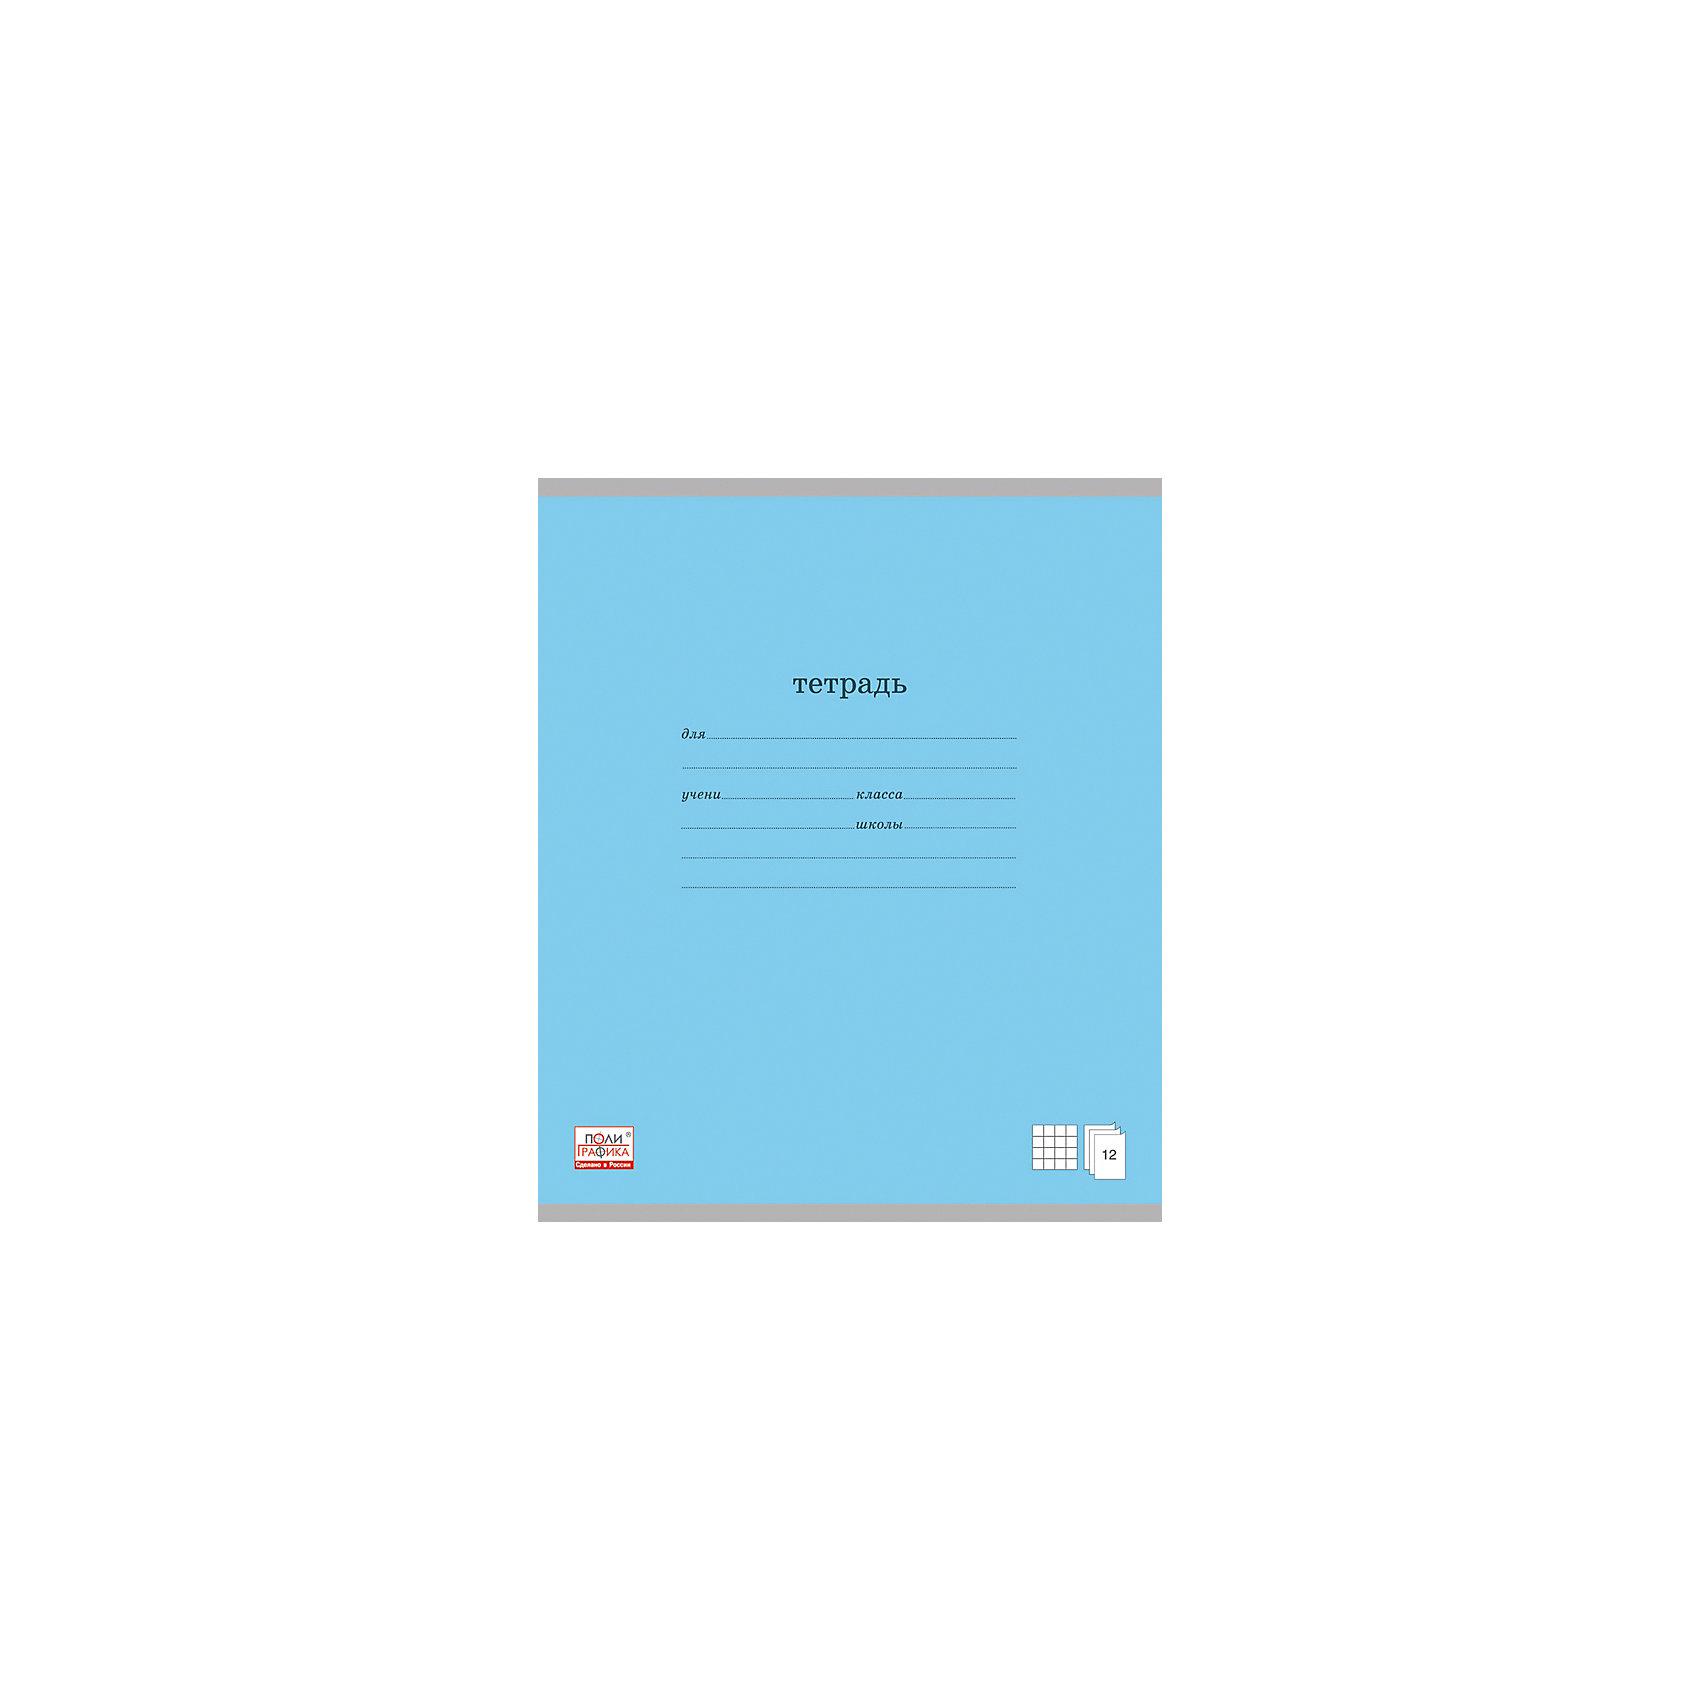 Тетрадь 12 листов, цвет голубой, упаковка из 10 шт.Бумажная продукция<br>Тетрадь ученическая,12л Классика (голубой), упаковка из 10 шт.<br><br>Ширина мм: 170<br>Глубина мм: 20<br>Высота мм: 205<br>Вес г: 349<br>Возраст от месяцев: 60<br>Возраст до месяцев: 204<br>Пол: Унисекс<br>Возраст: Детский<br>SKU: 5540075